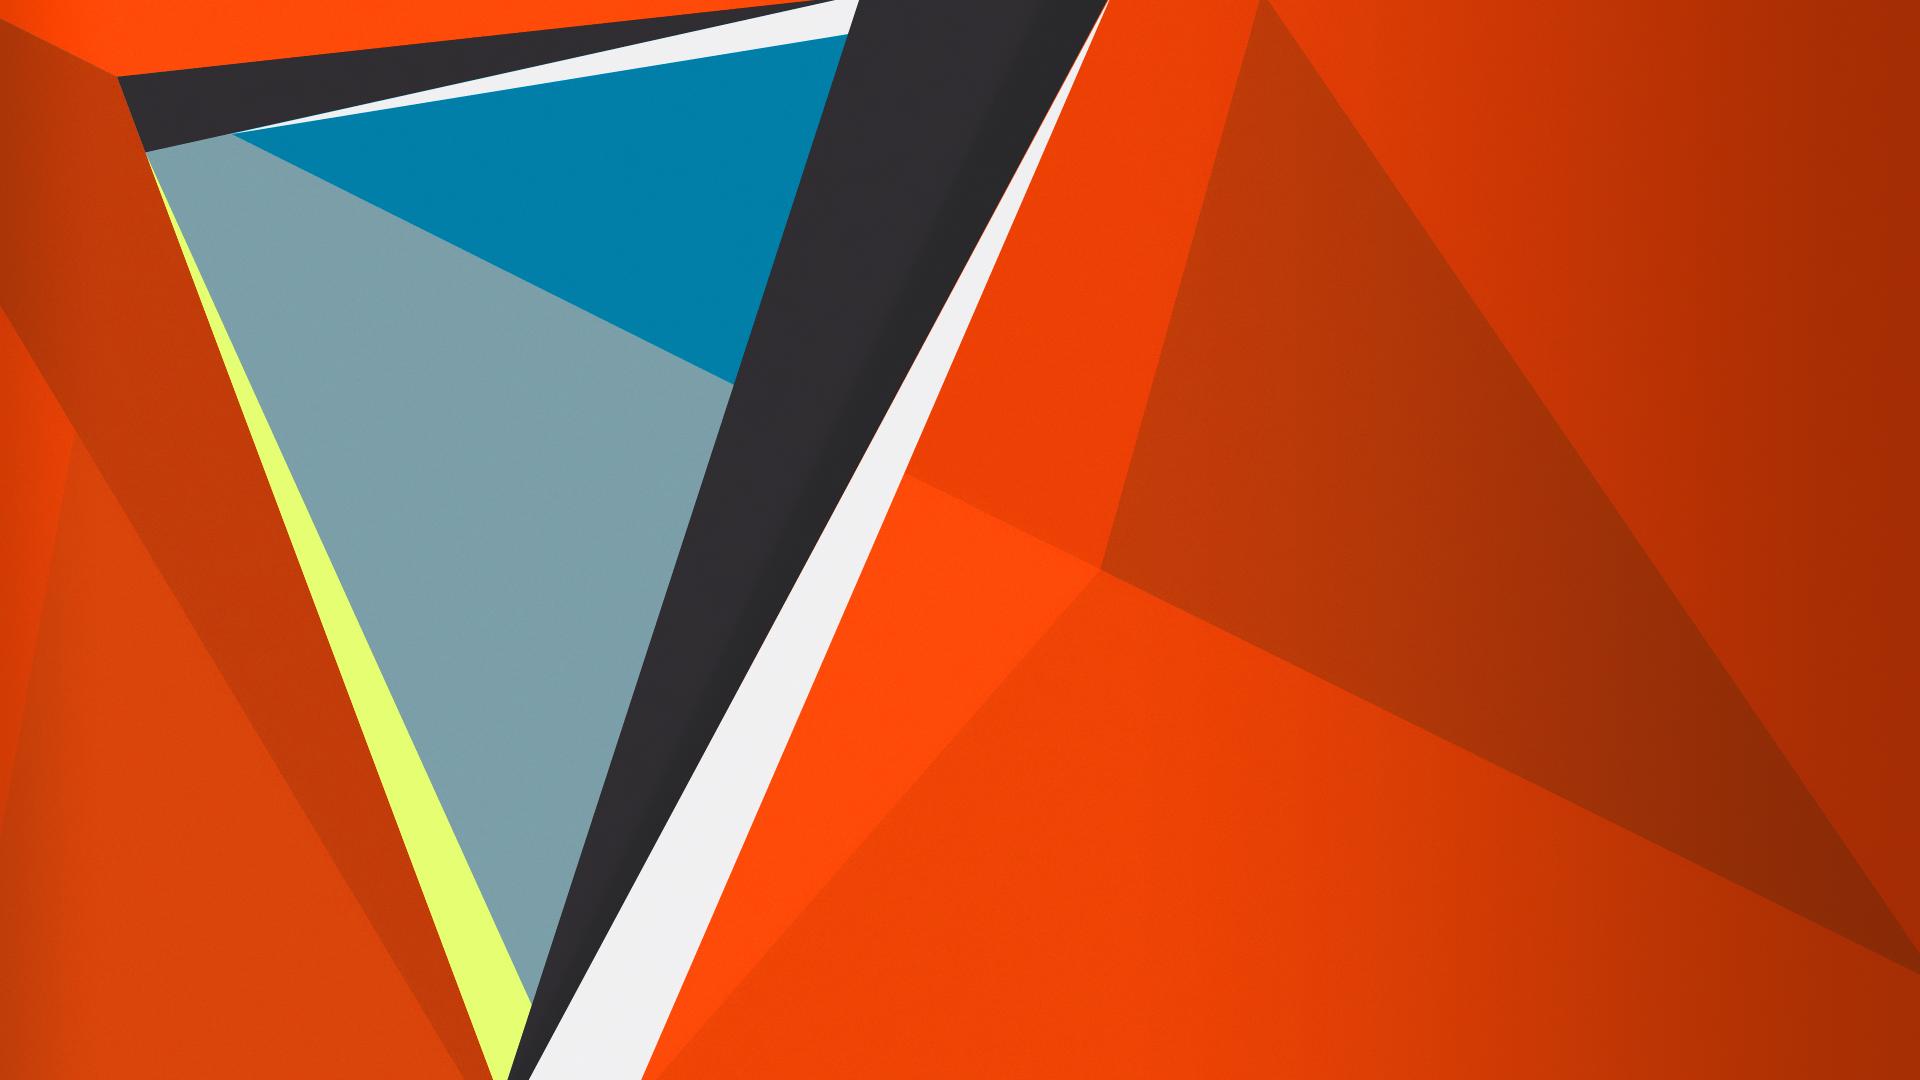 デスクトップ壁紙 図 赤 テキスト 黄 旗 三角形 オレンジ